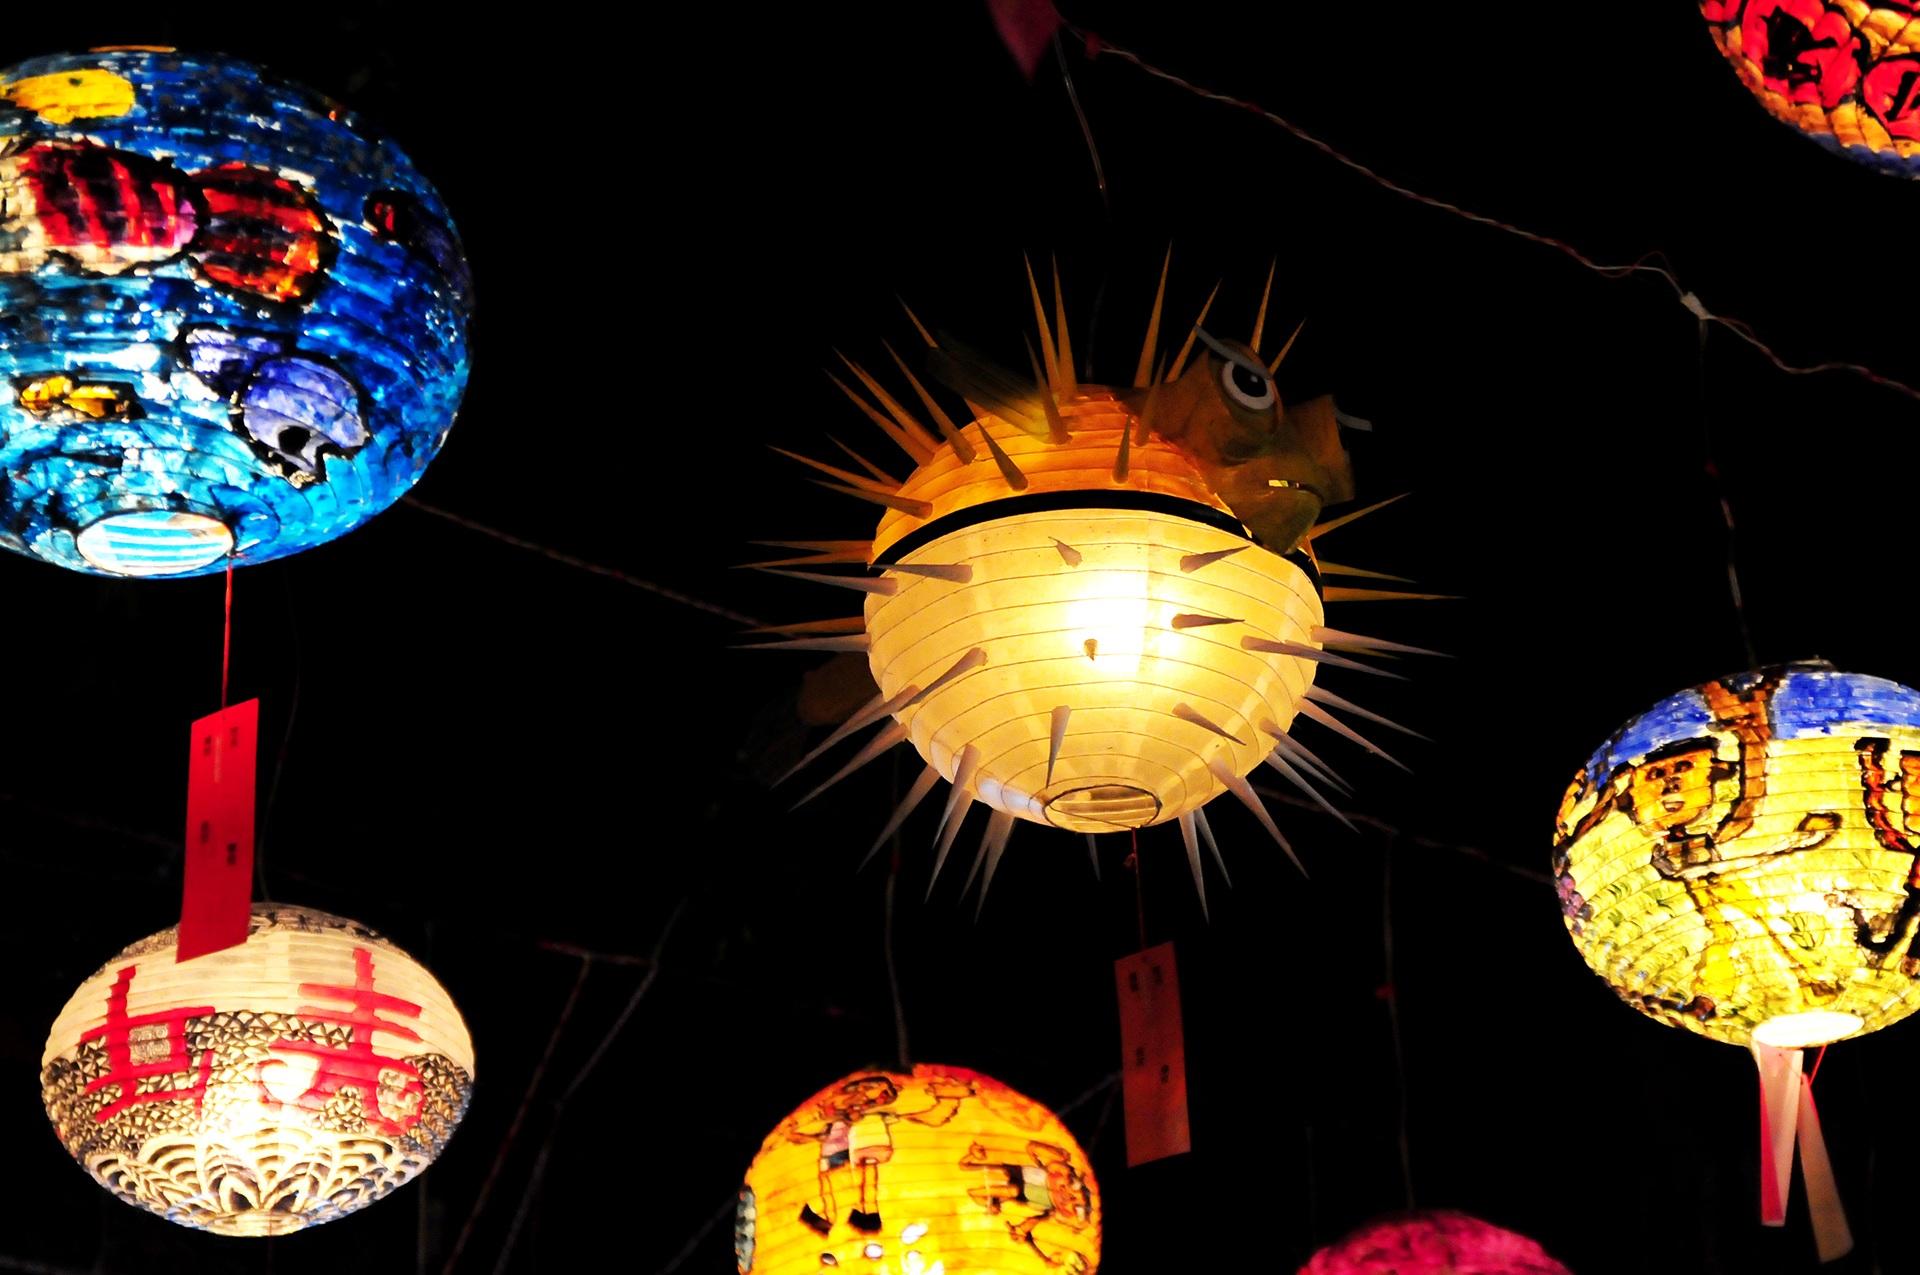 Hình Ảnh : Ánh Sáng, Hoa, Ly, Đèn Lồng, Thắp Sáng, Hình Minh Họa, Lễ Hội  Trung Thu, Lễ Hội Đèn Lồng 1920x1275